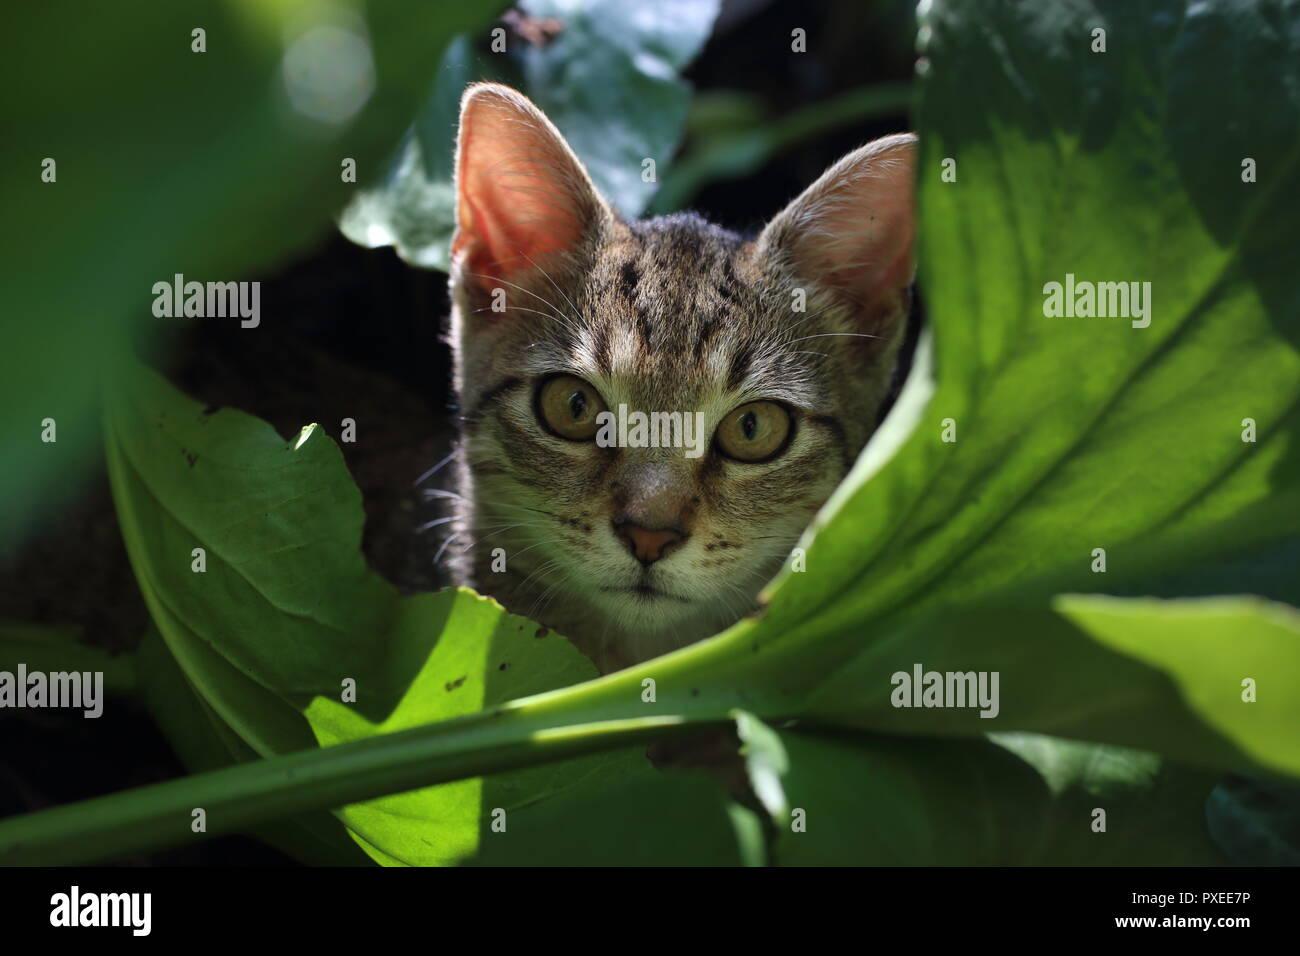 Rayé mignon chat jouant dans les feuilles dans le jardin Photo Stock